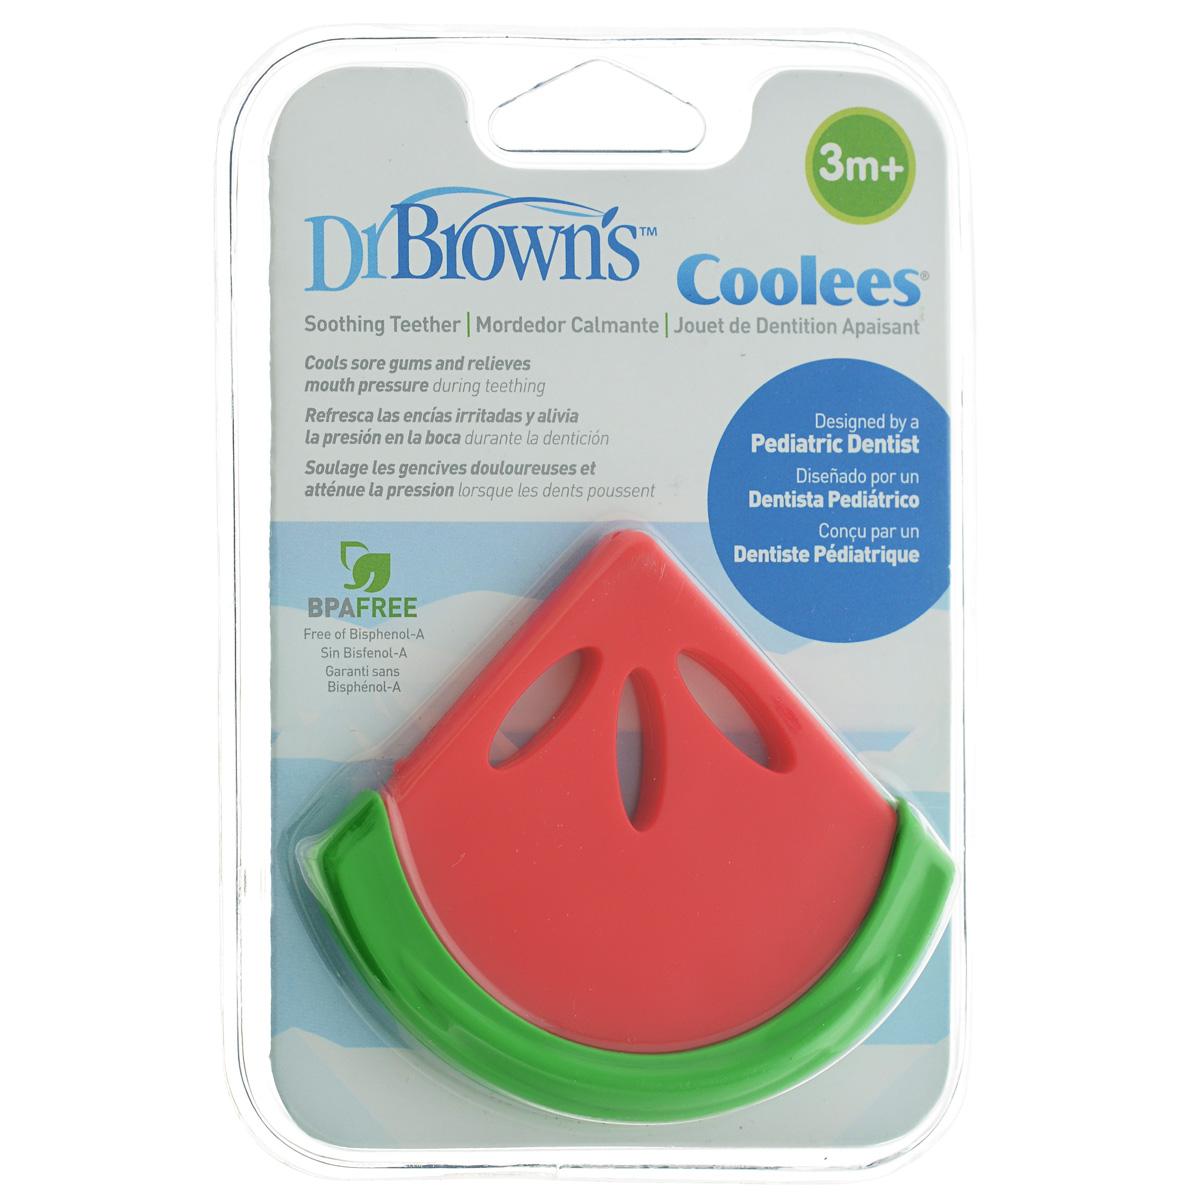 Прорезыватель Dr.Brown's Coolees: Арбуз, охлаждающий, цвет: красный, зеленый прорезыватель dr brown coolees успокаивающий охлаждающий